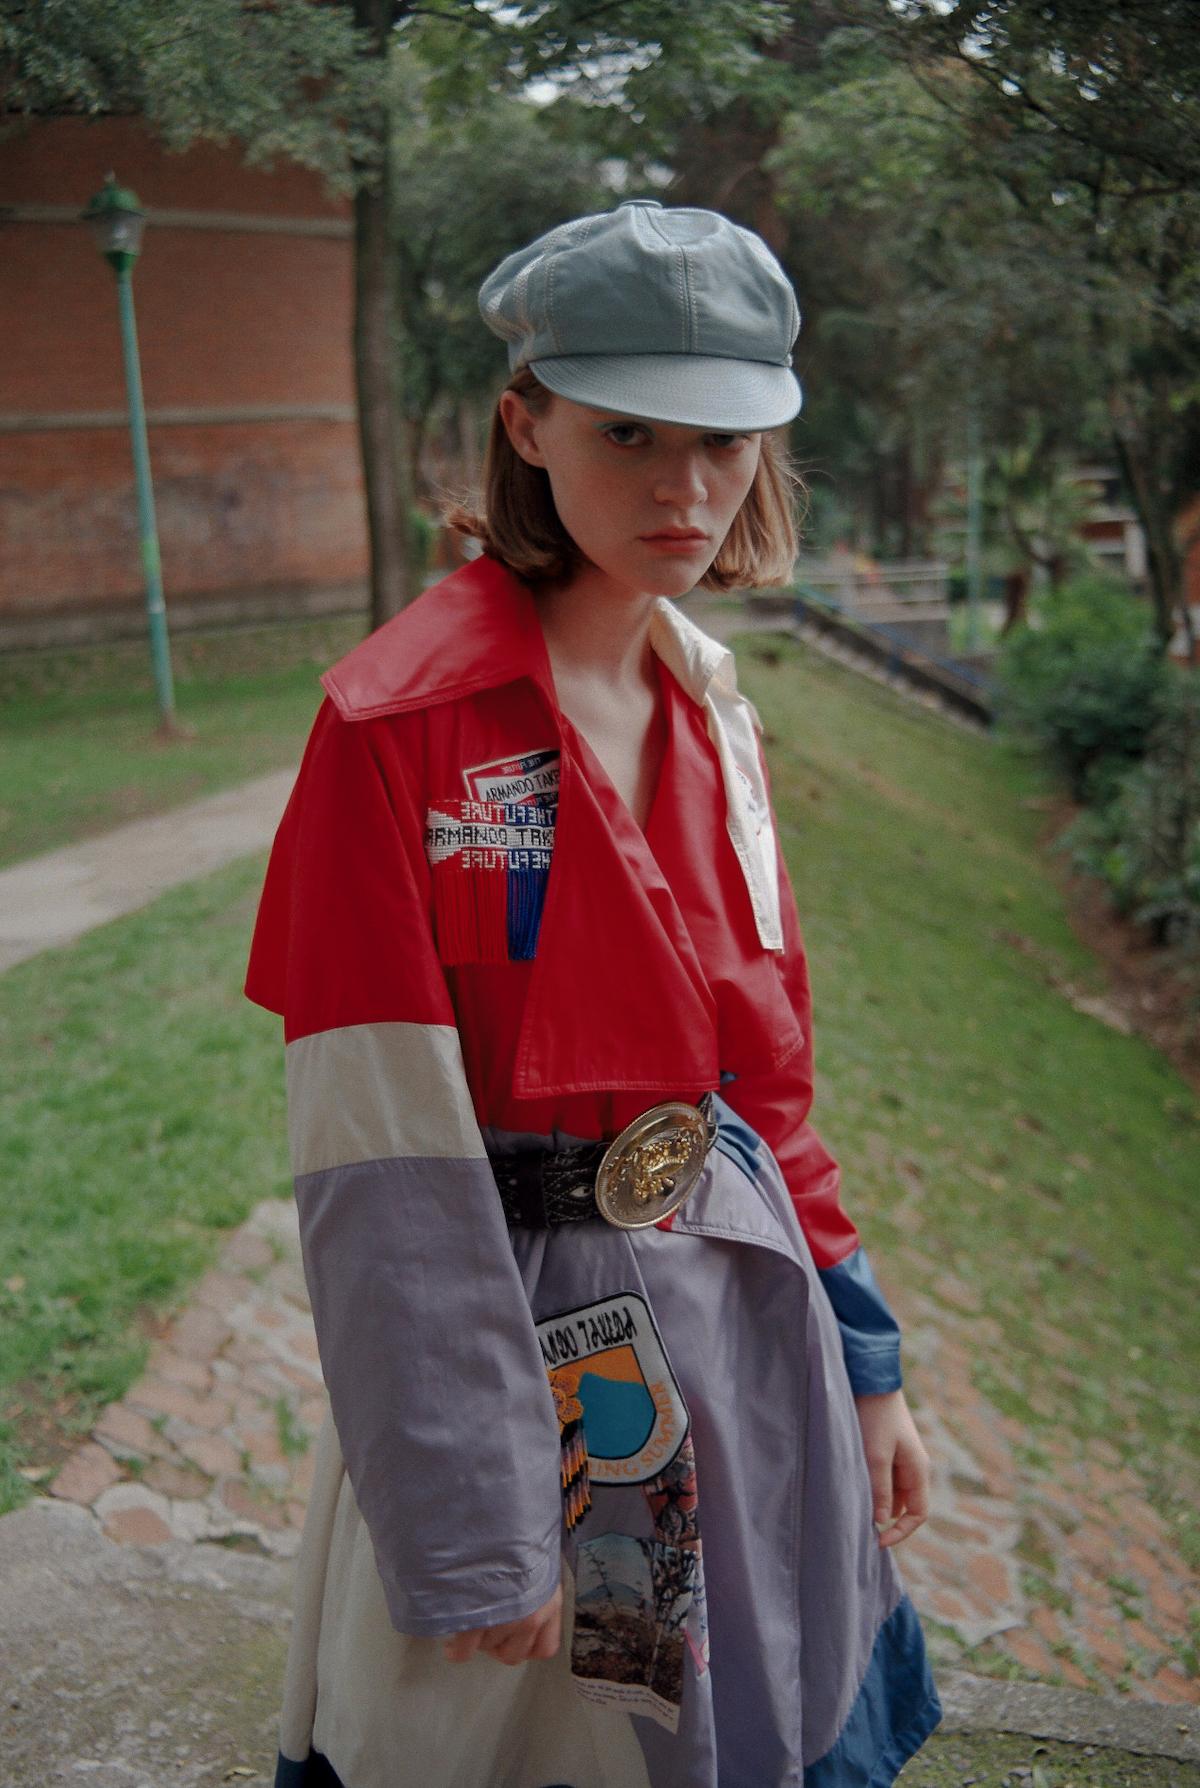 Abrigo Armando Takeda, Botas Ant Brand, Boina y cinturón propiedad del stylist